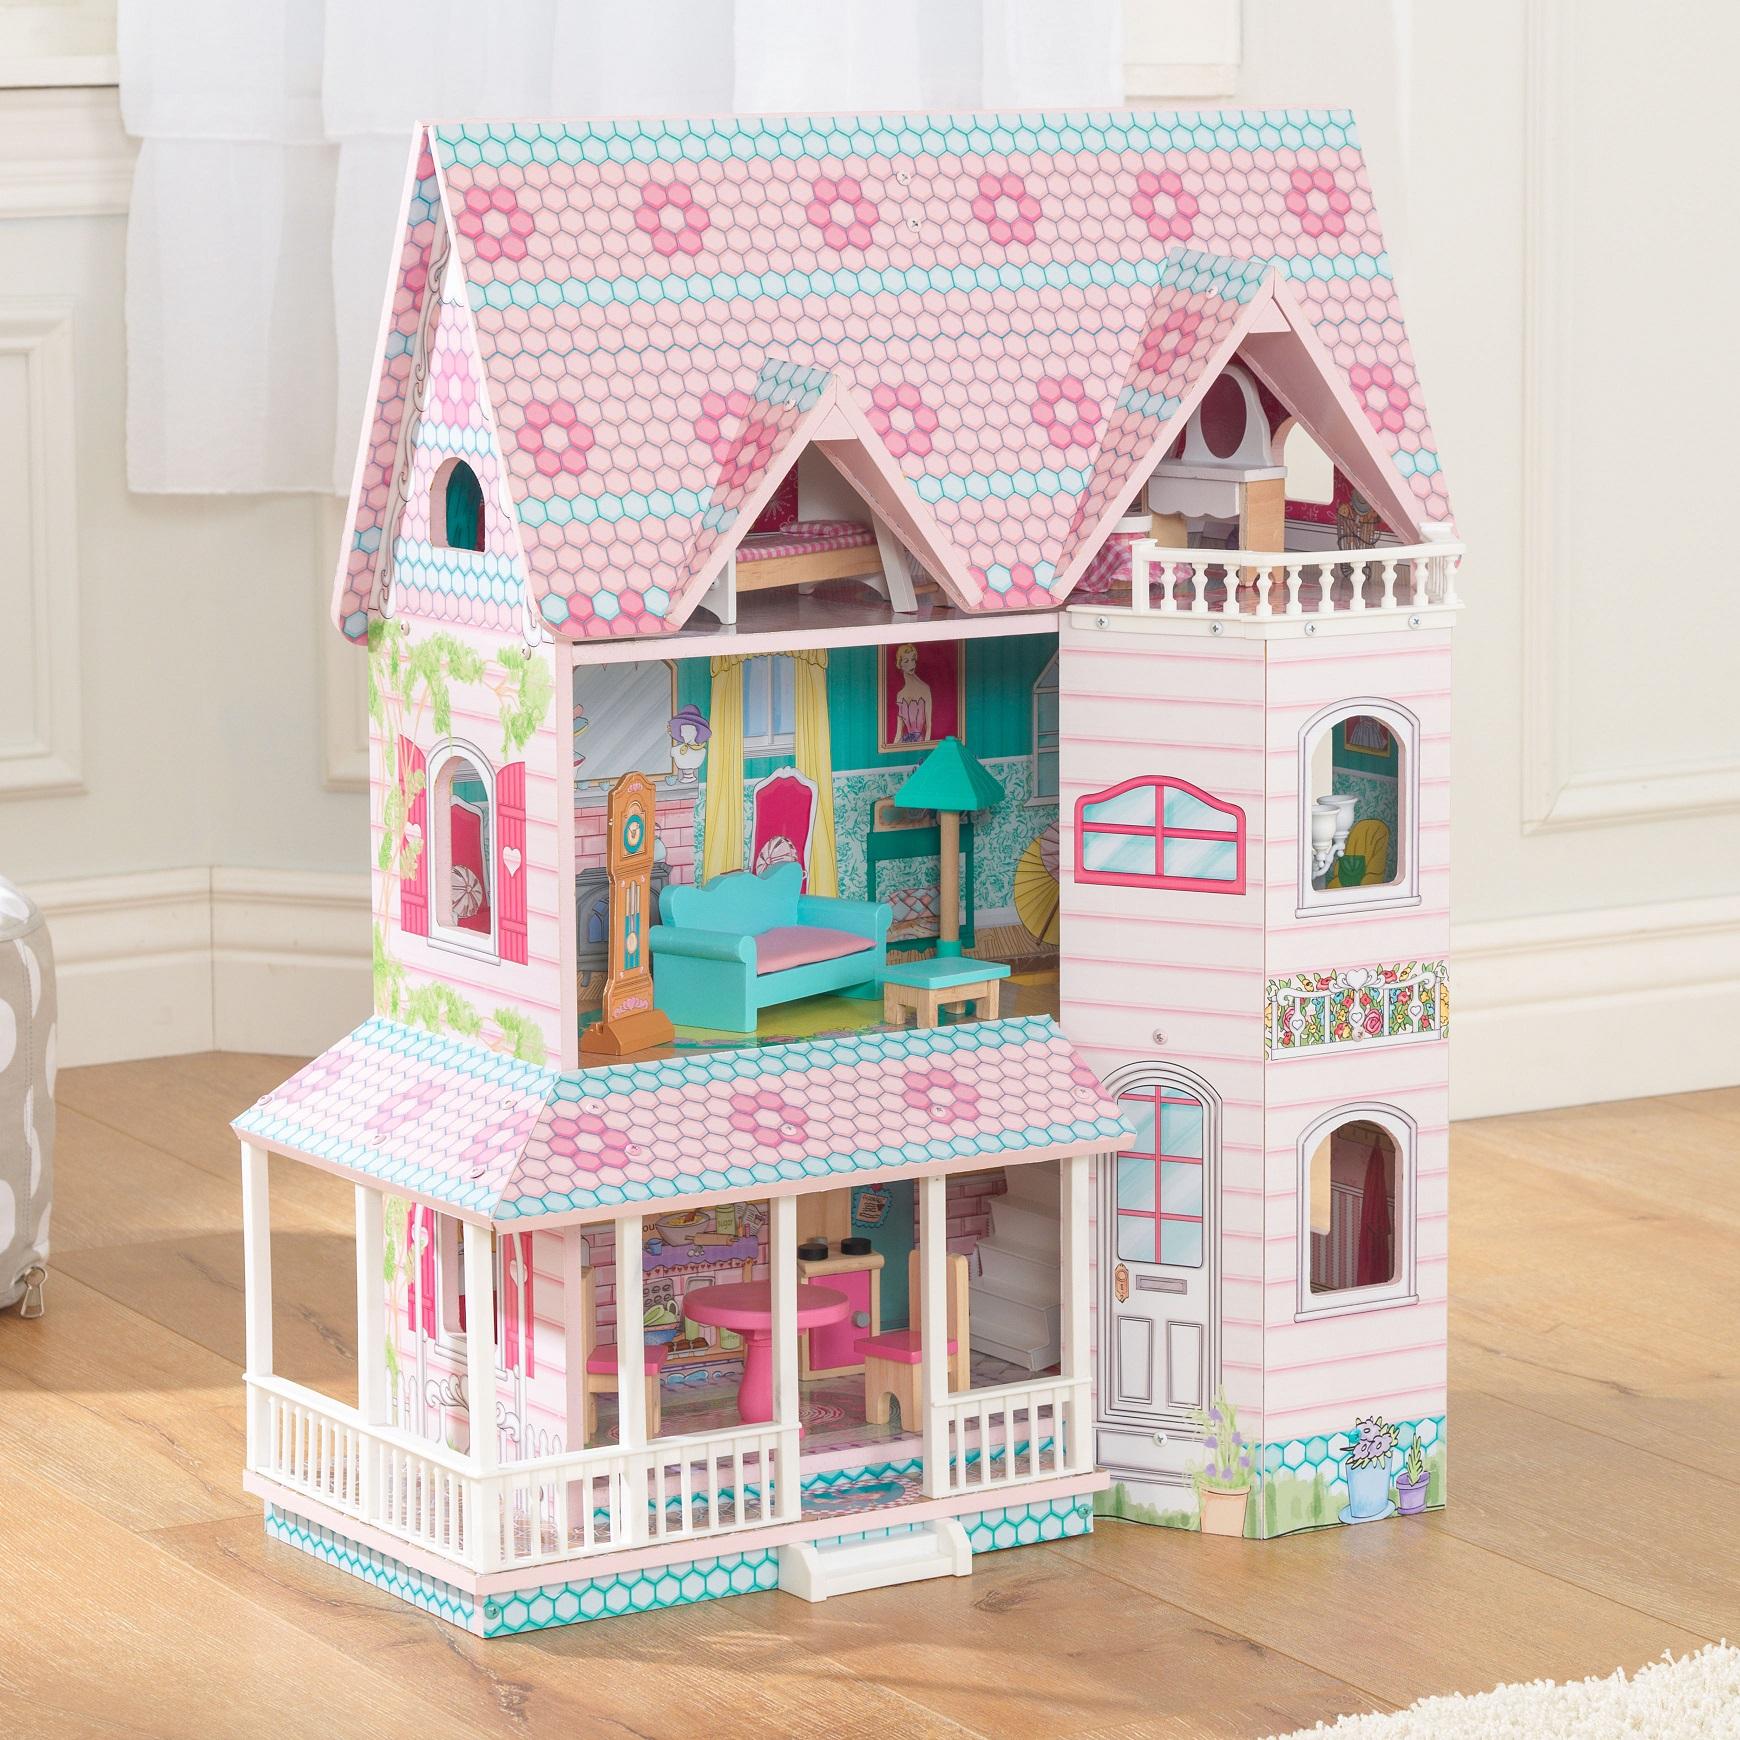 Preciosa imagen de la casa de muñecas kidkraft abbey manor 65941 width=